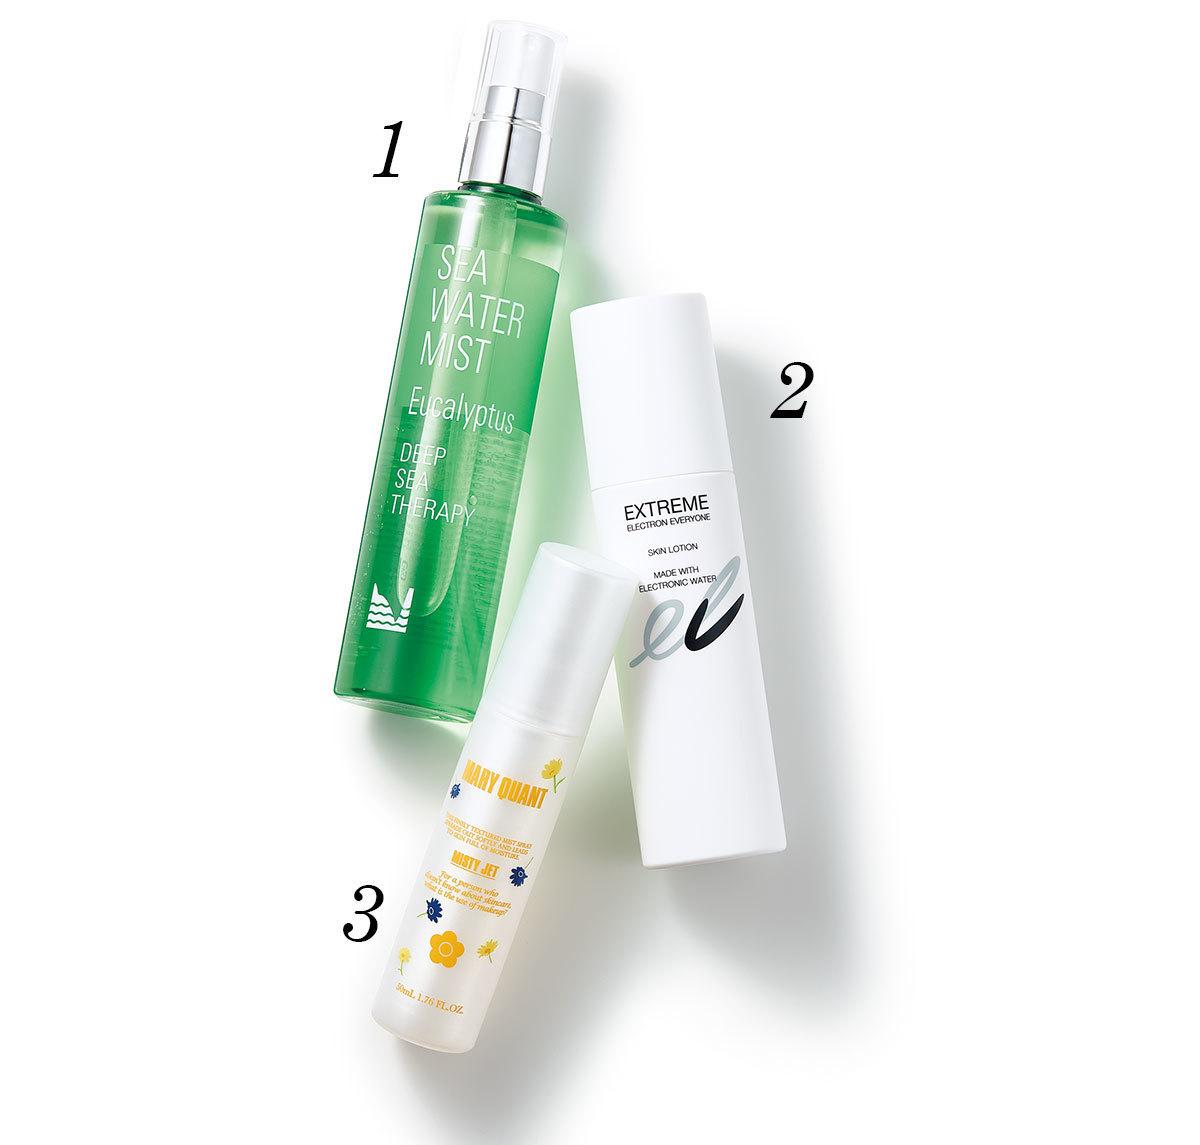 レスキュー水分補給アイテム1